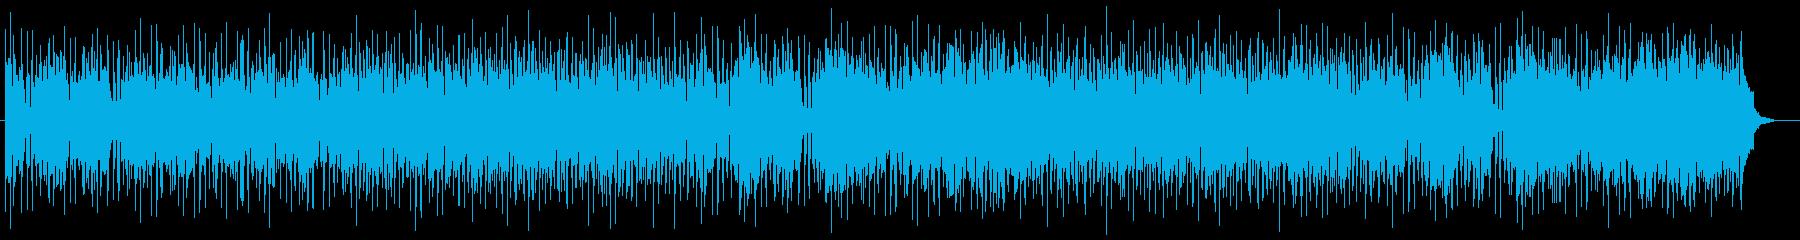 ゆったりとしたギターポップスの再生済みの波形